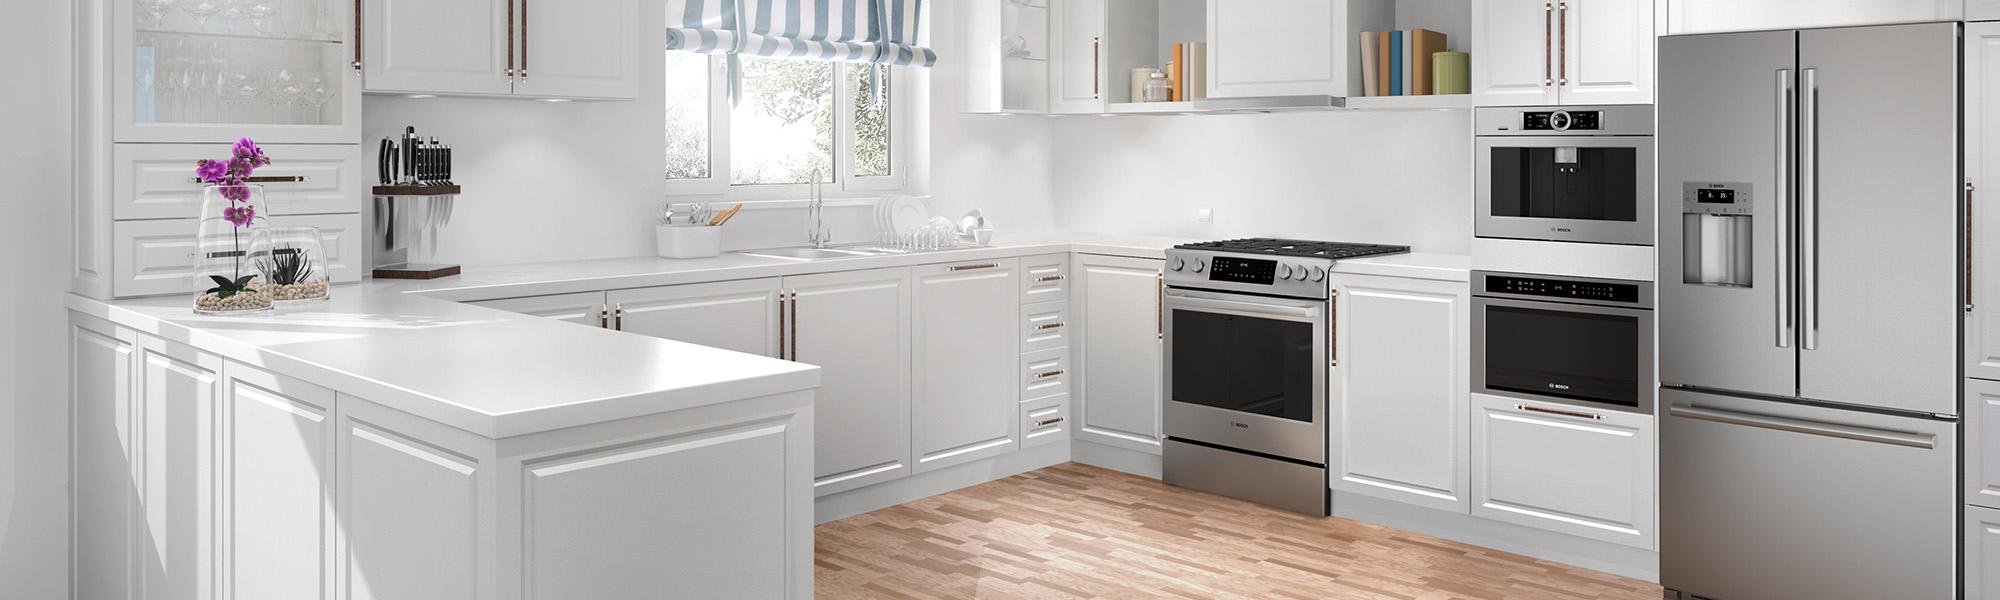 Bosch Kitchen Appliances | Bosch 3 0 Home Appliances Kitchen Appliances In